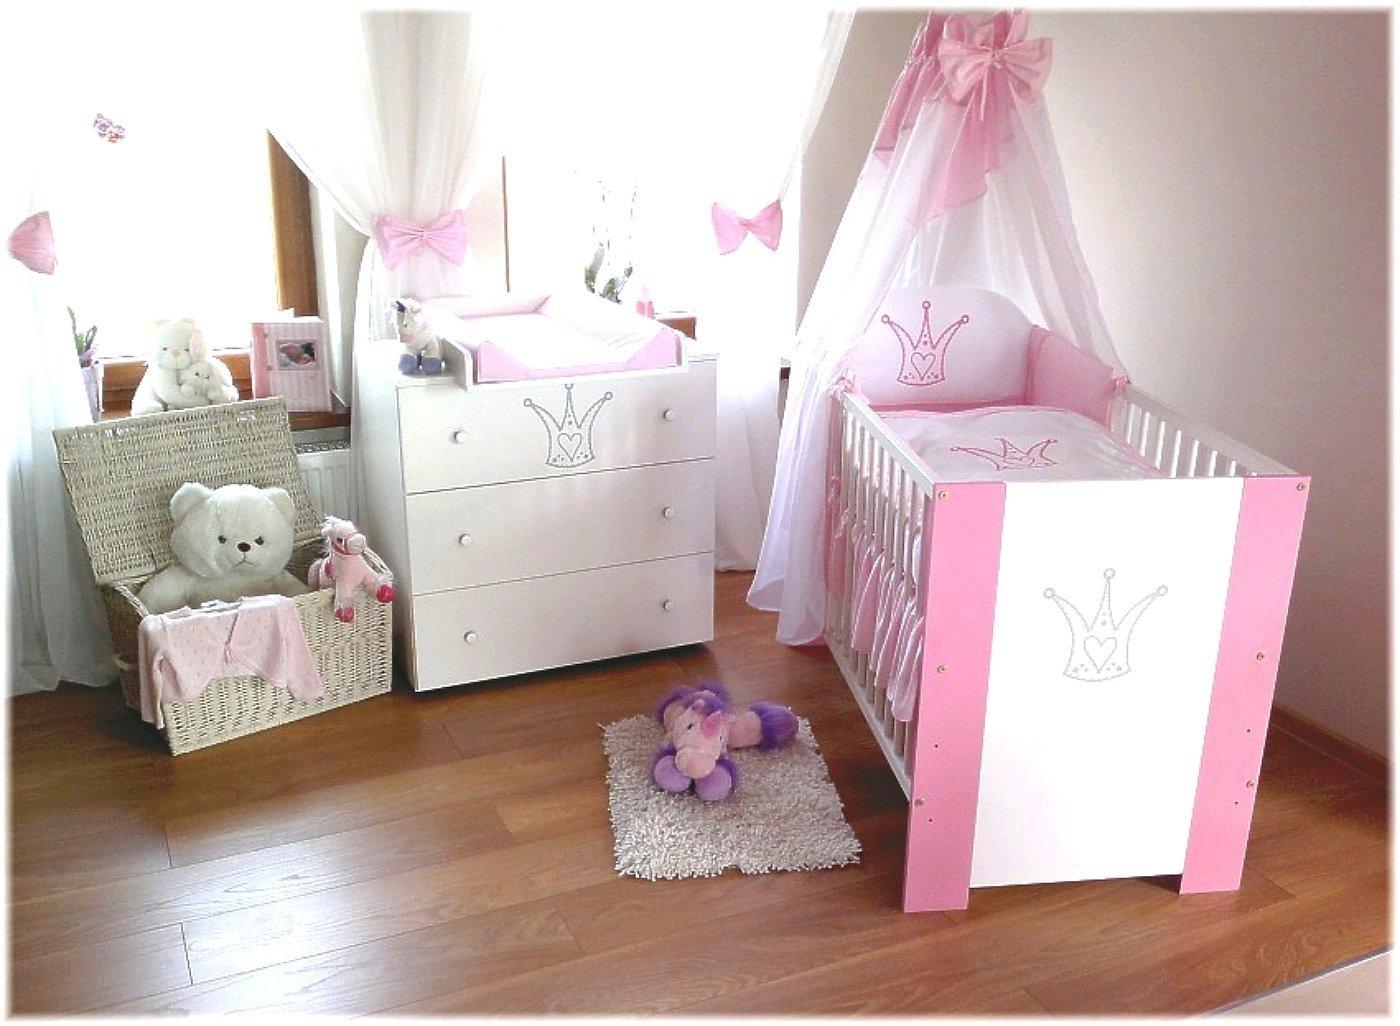 Chambre pour bébé fille pas cher incluant lit pour bébé, commode avec table à langer, sommier à lattes, matelas et parure de lit Rose